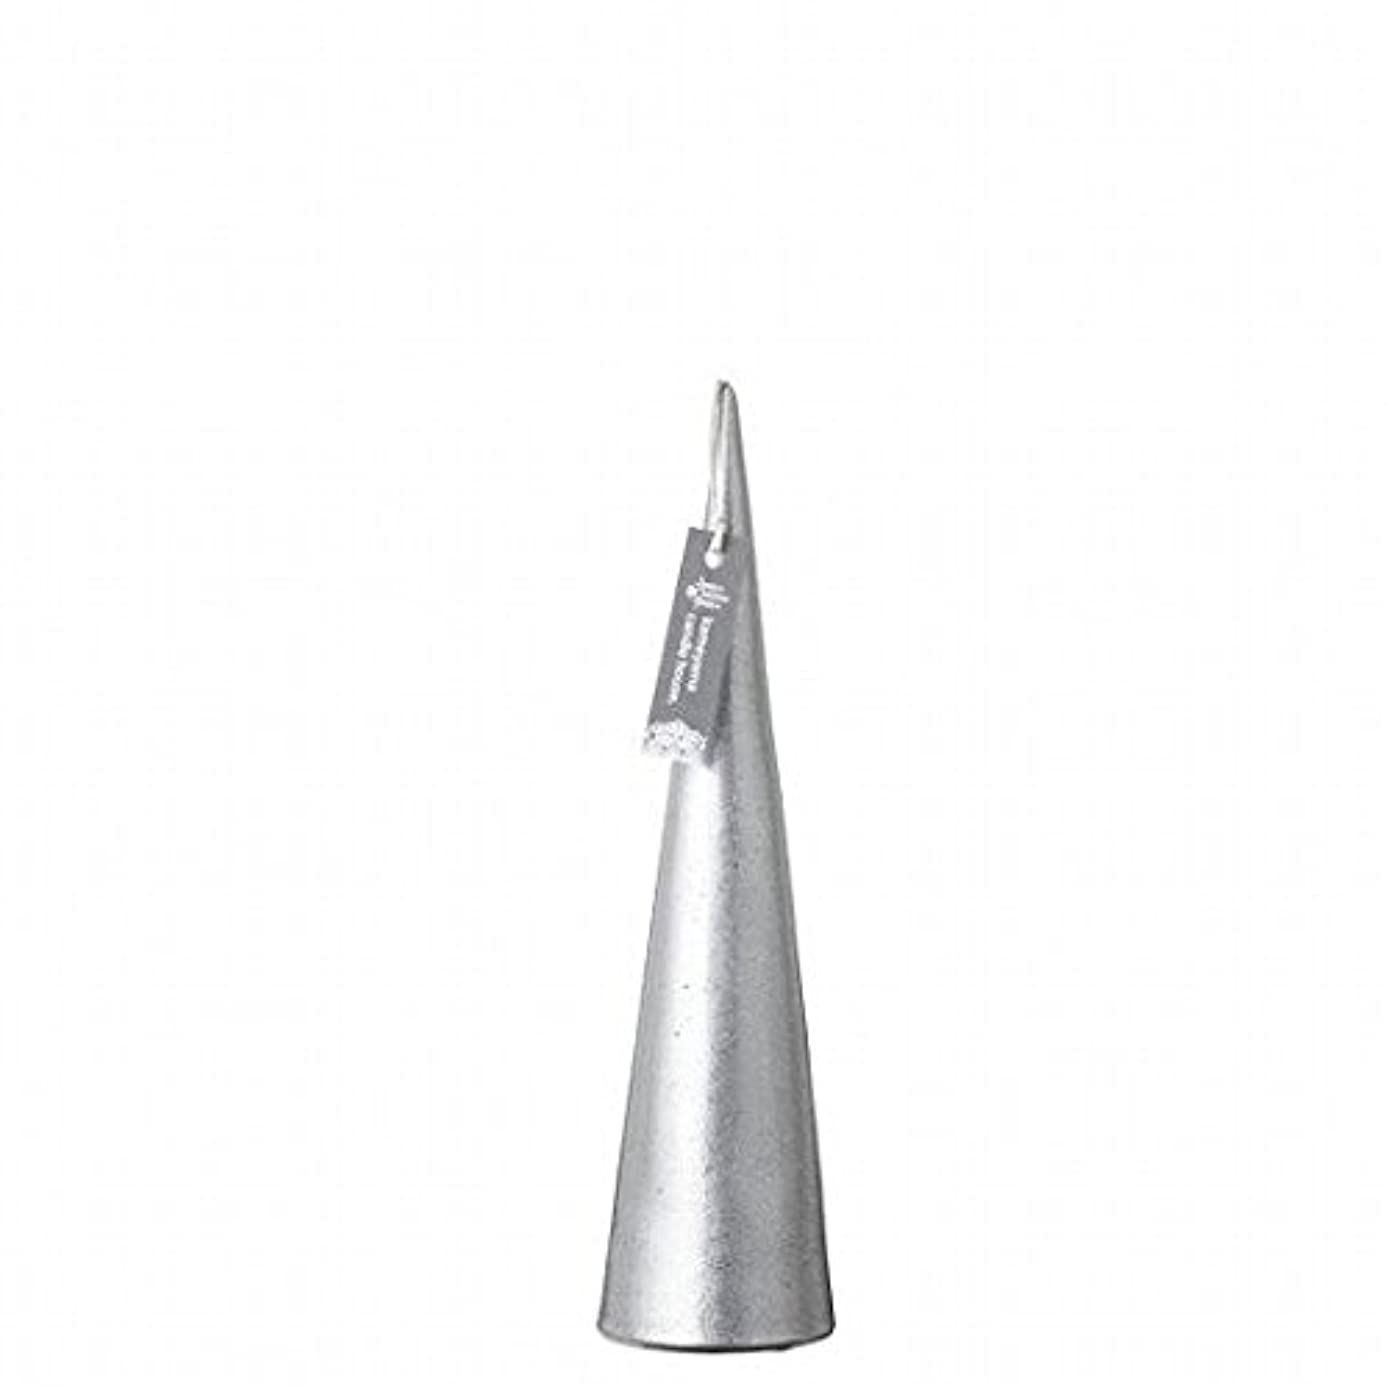 精査情緒的誠実kameyama candle(カメヤマキャンドル) メタリックコーンM 「 シルバー 」(A9560110SI)